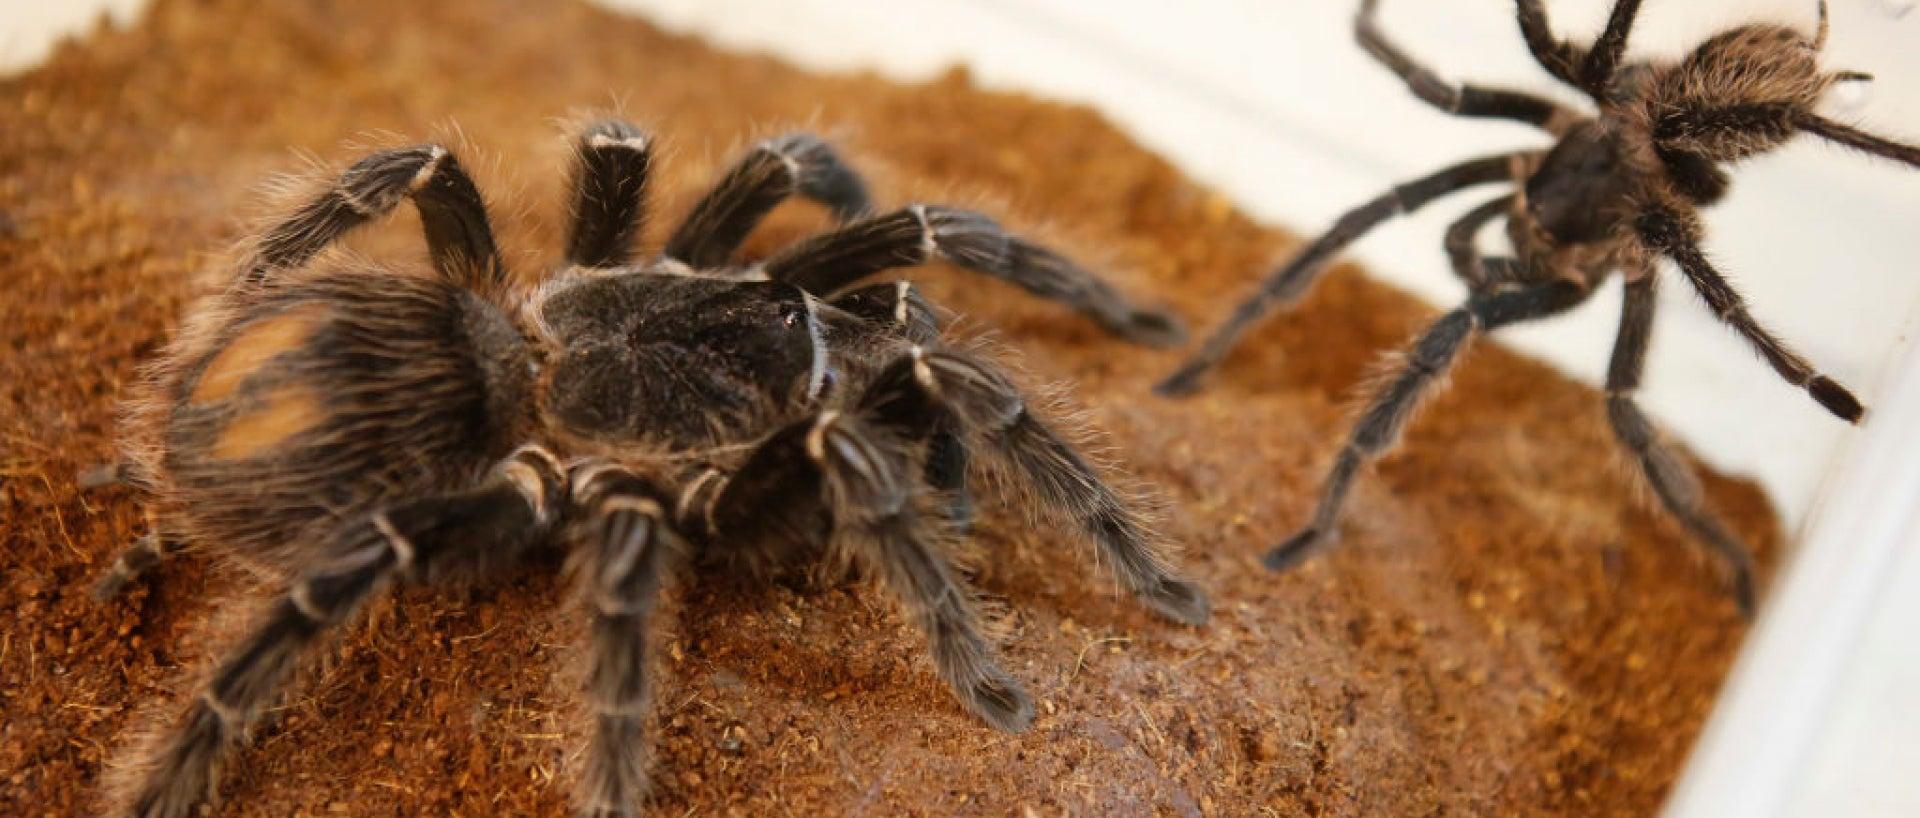 Two tarantulas